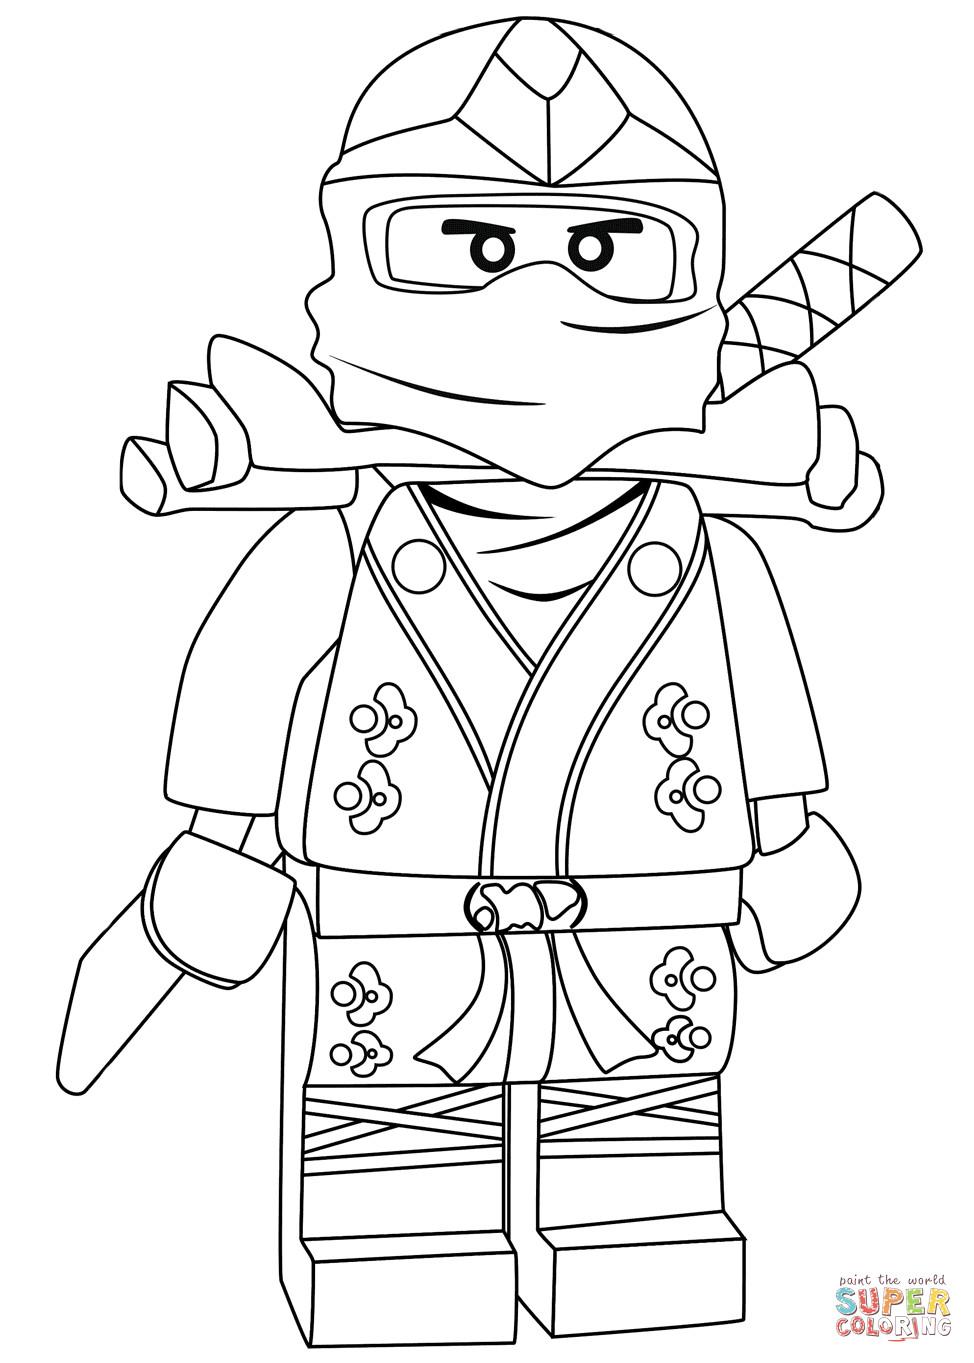 Ausmalbilder Ninjago Lloyd  Ninjago Lloyd Green Ninja ZX coloring page